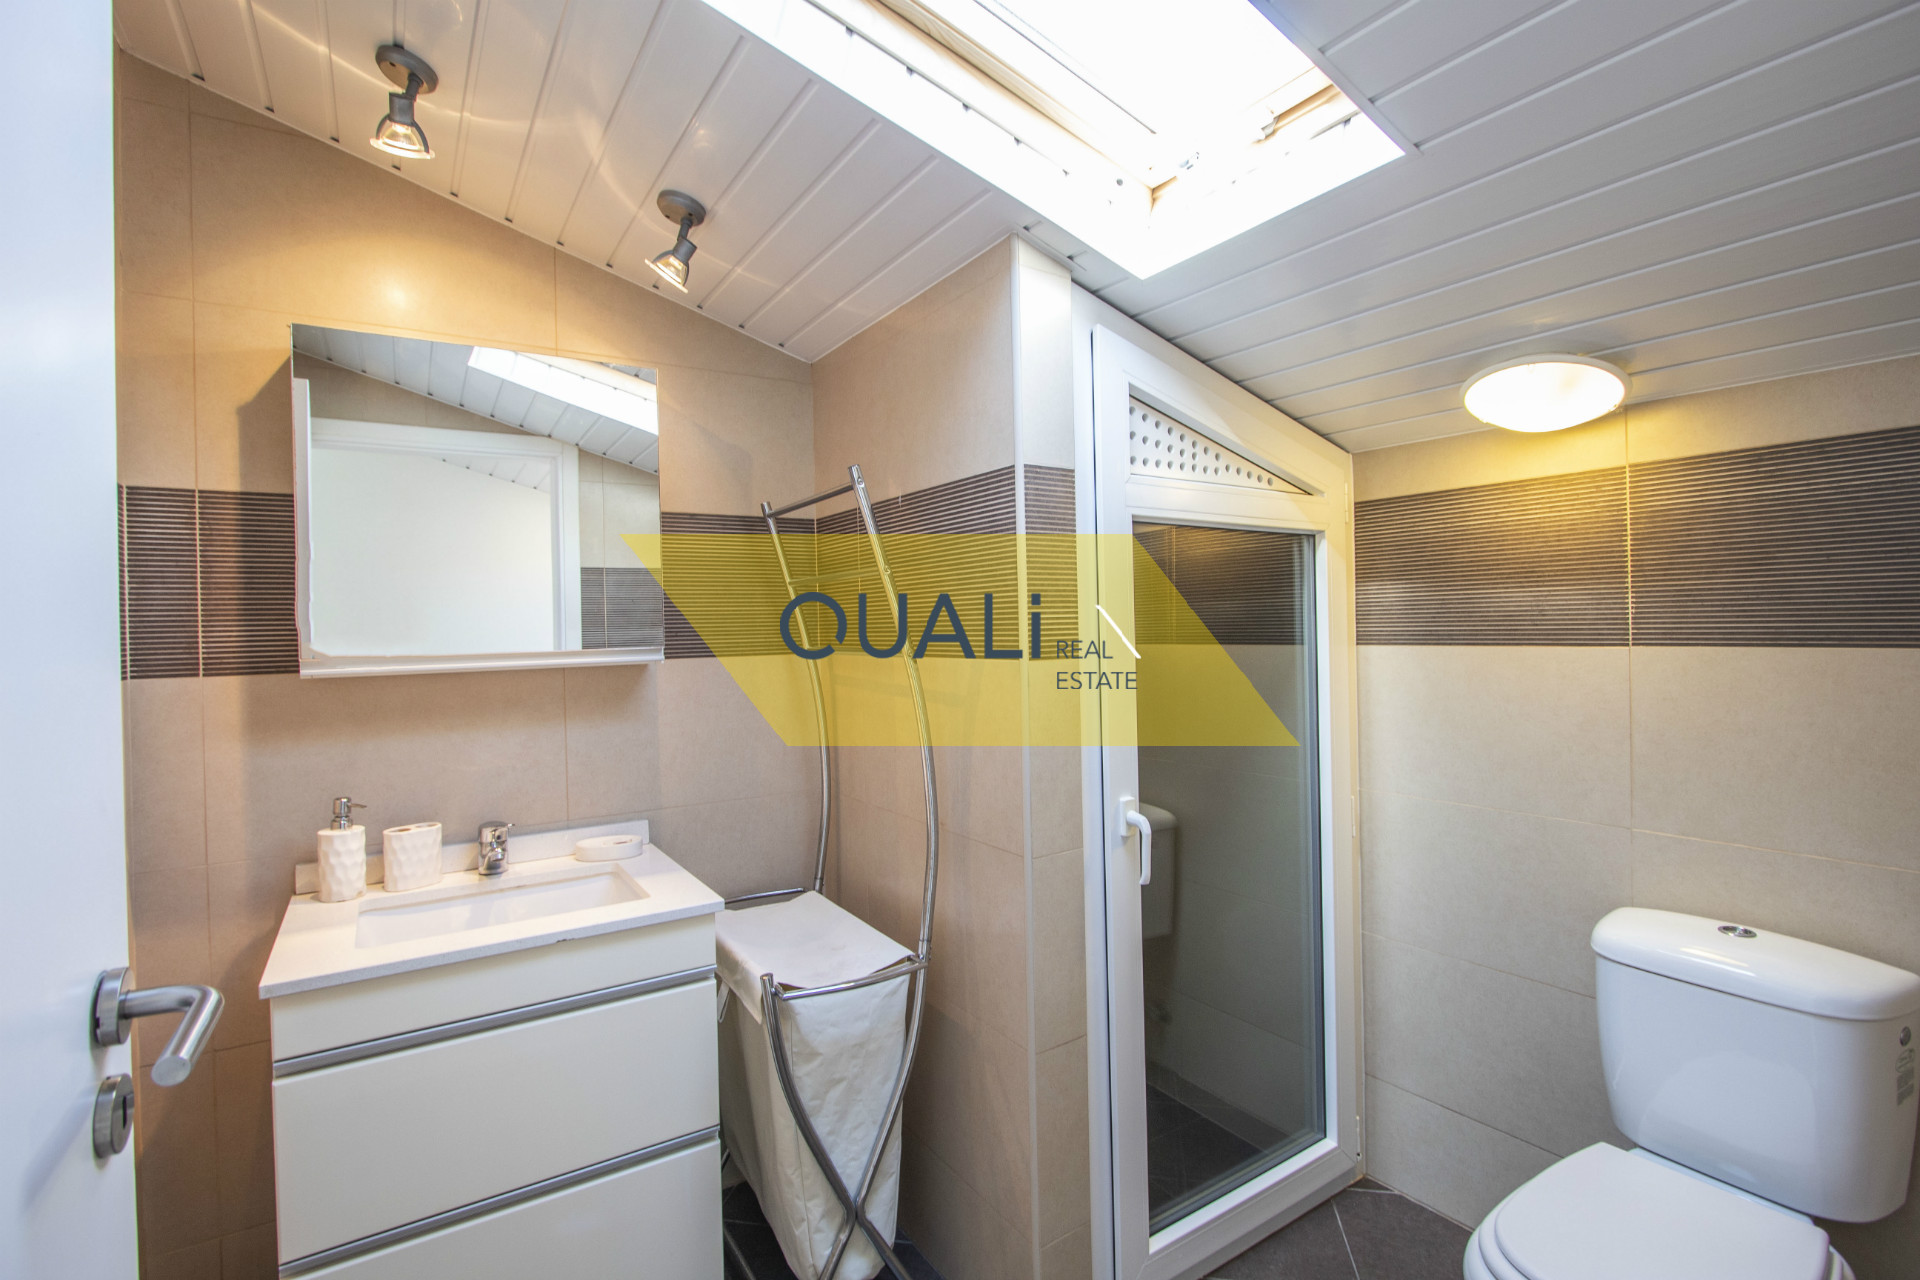 Einfamilienhaus T3 zu vermieten in São Martinho - Madeira Island. €1.500,00